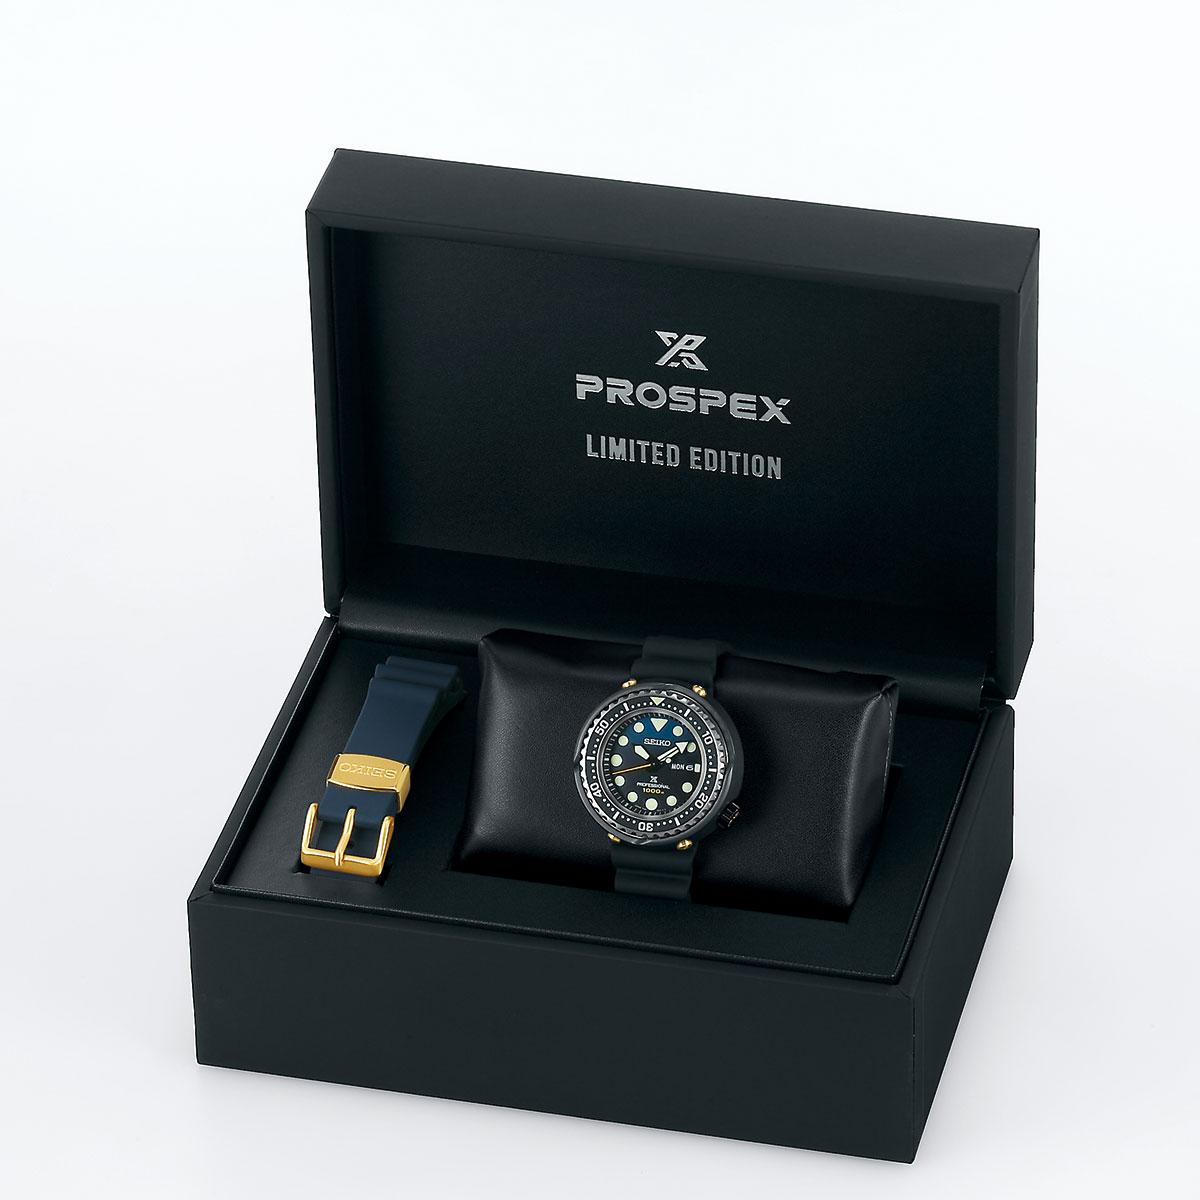 セイコー プロスペックス SEIKO PROSPEX マリーンマスター プロフェッショナル 1986 クオーツダイバーズ 35周年記念 限定 コアショップ専用モデル 腕時計 メンズ SBBN051